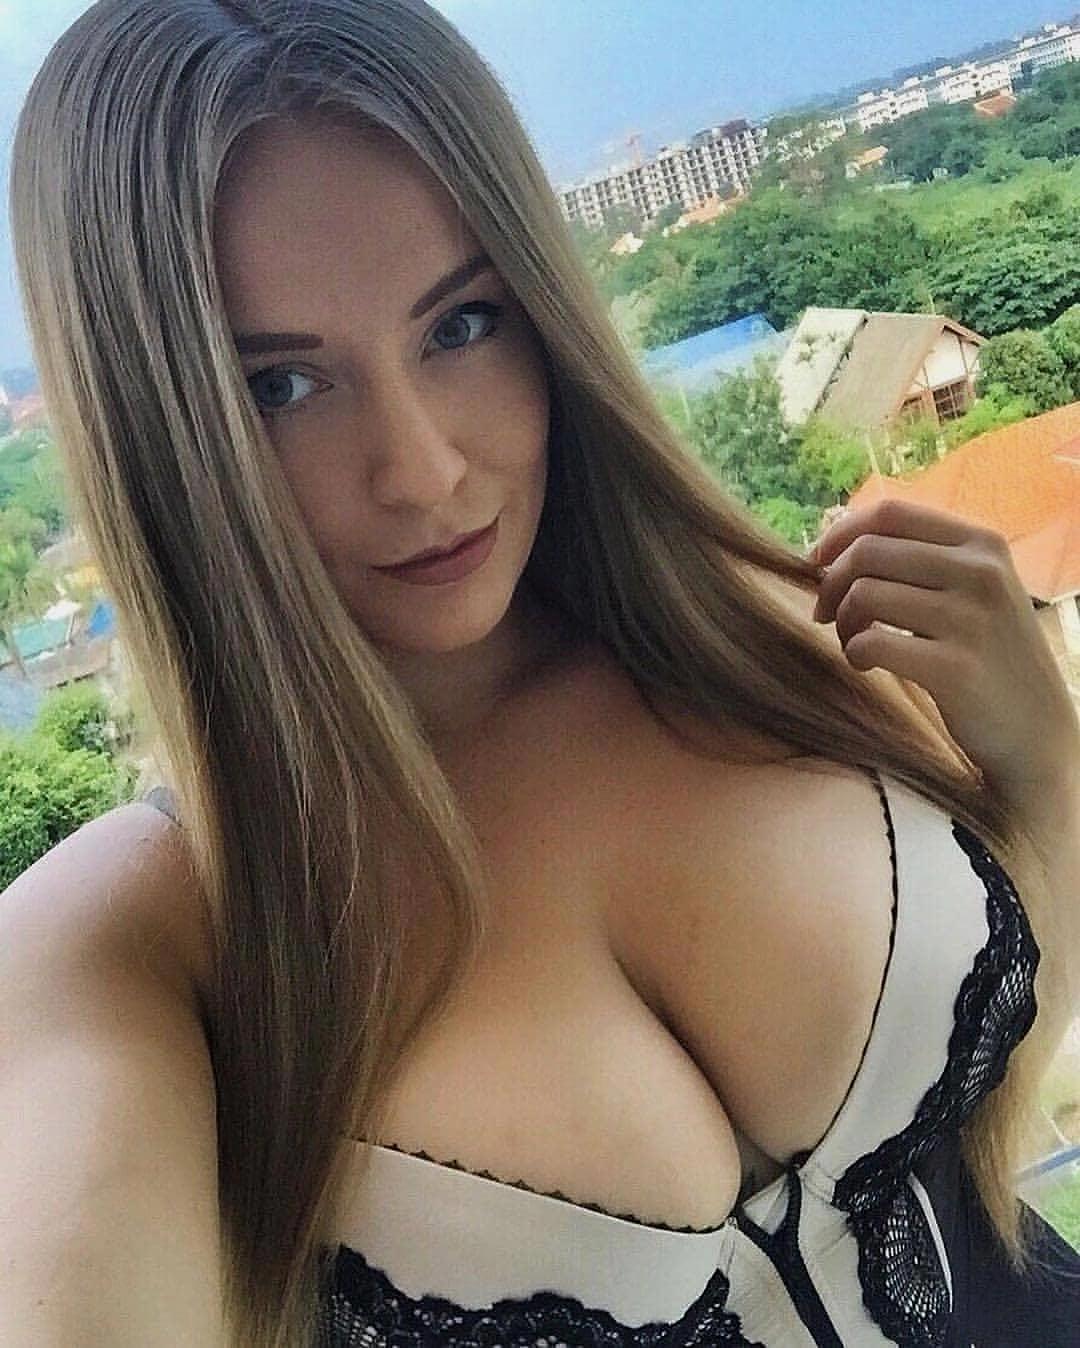 Голый Русский 18 Летний Девушки Фото